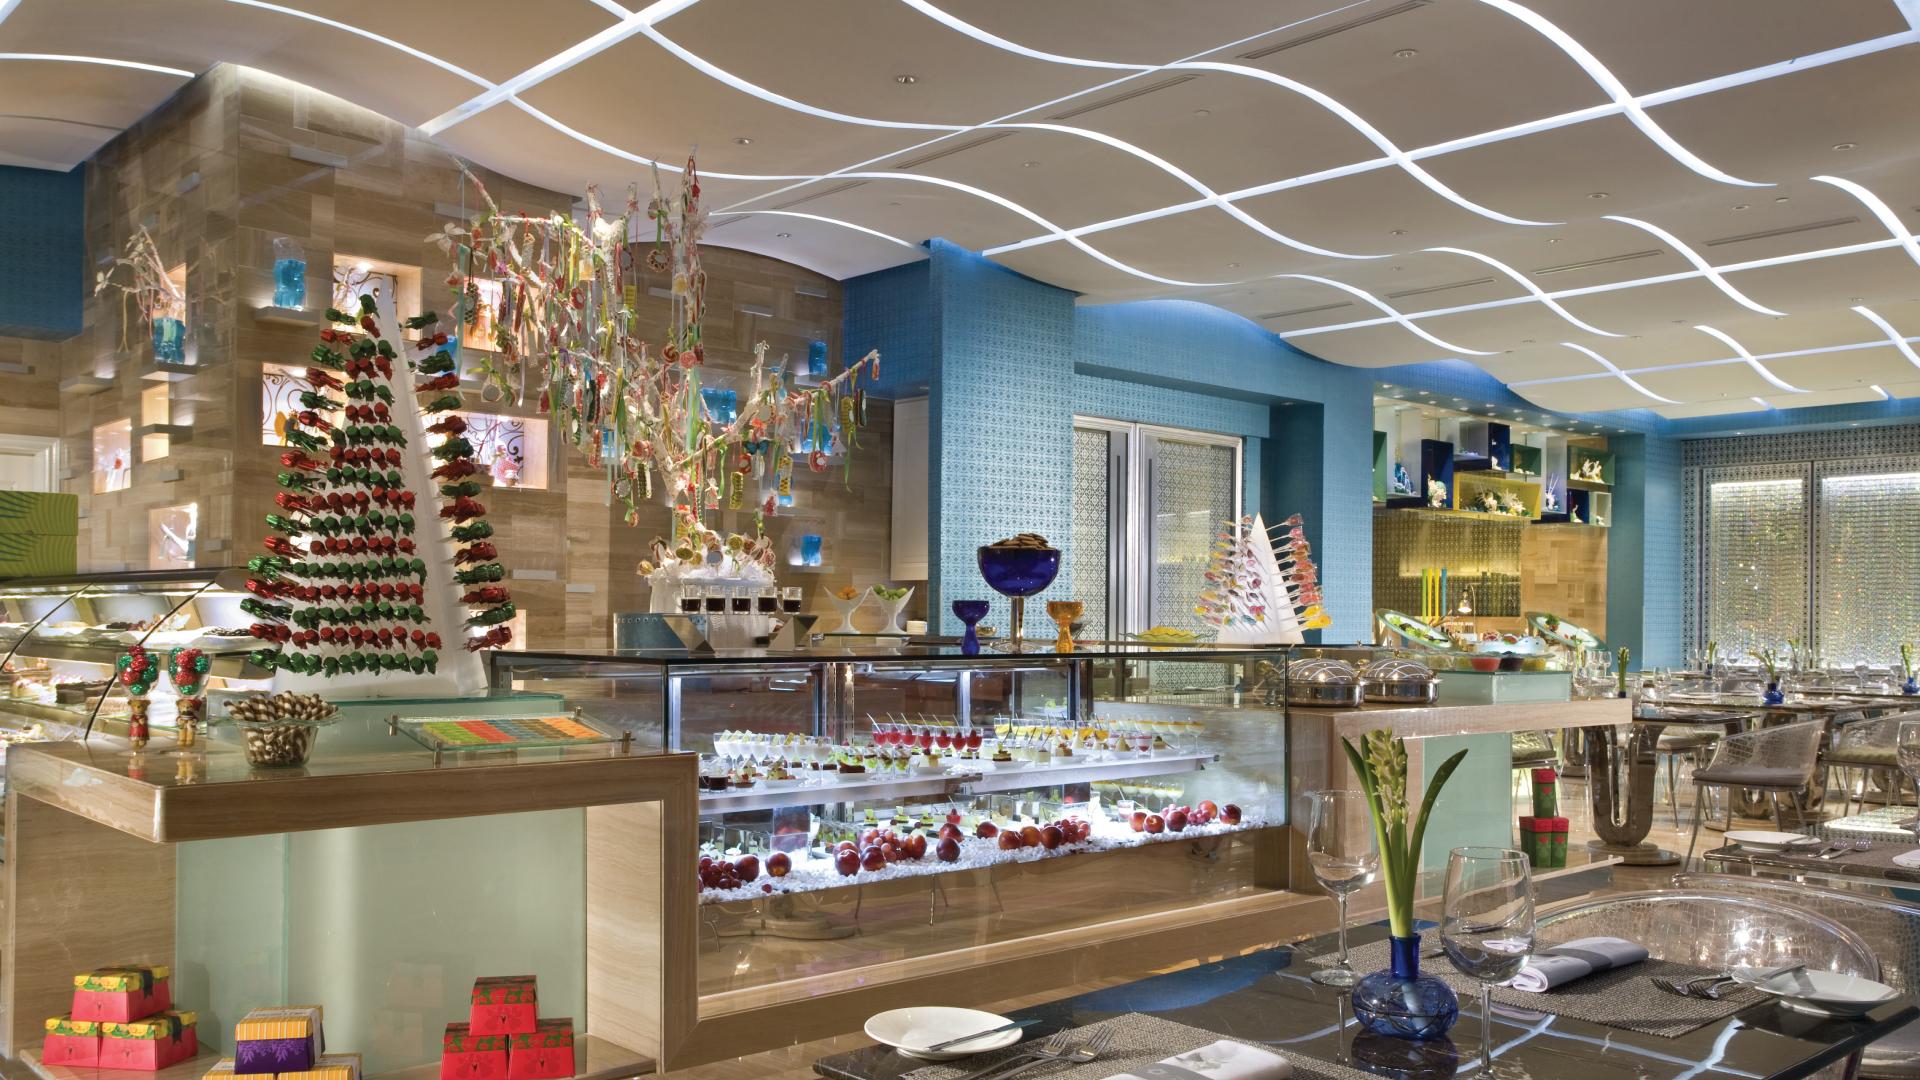 thecafe_hotel_mulia_jakarta_58.jpg